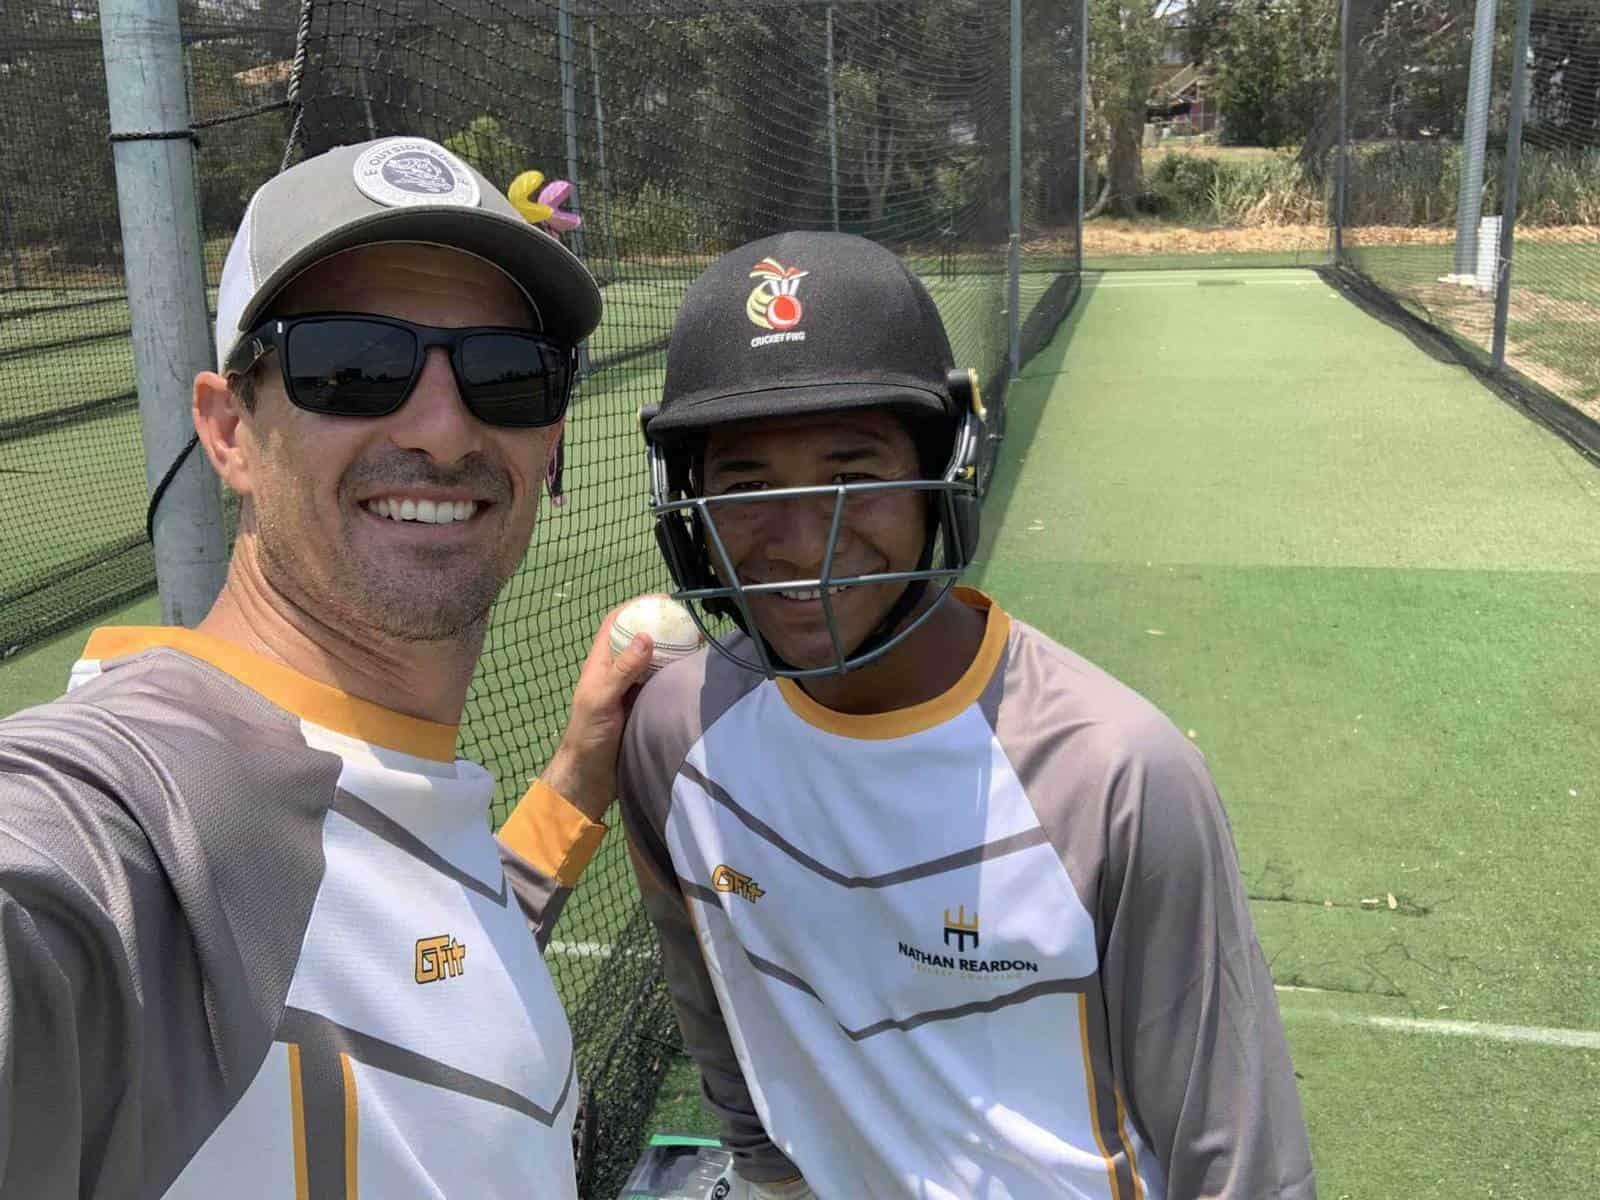 nathan-reardon-cricket-coaching-1